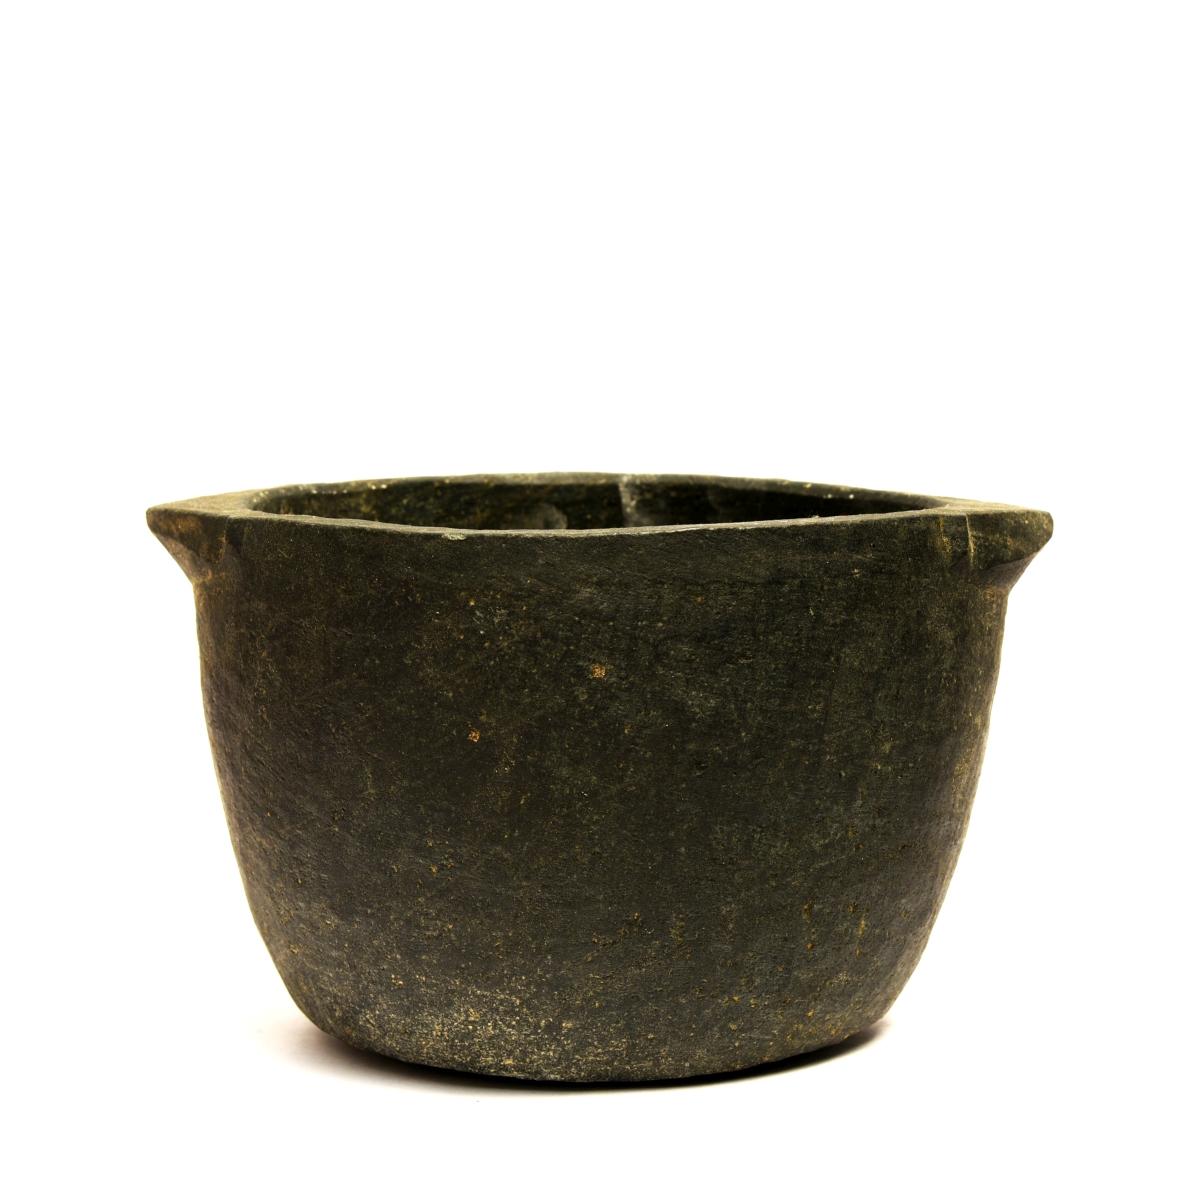 Seasoned Soapstone Cook pots - 3.0 ltr